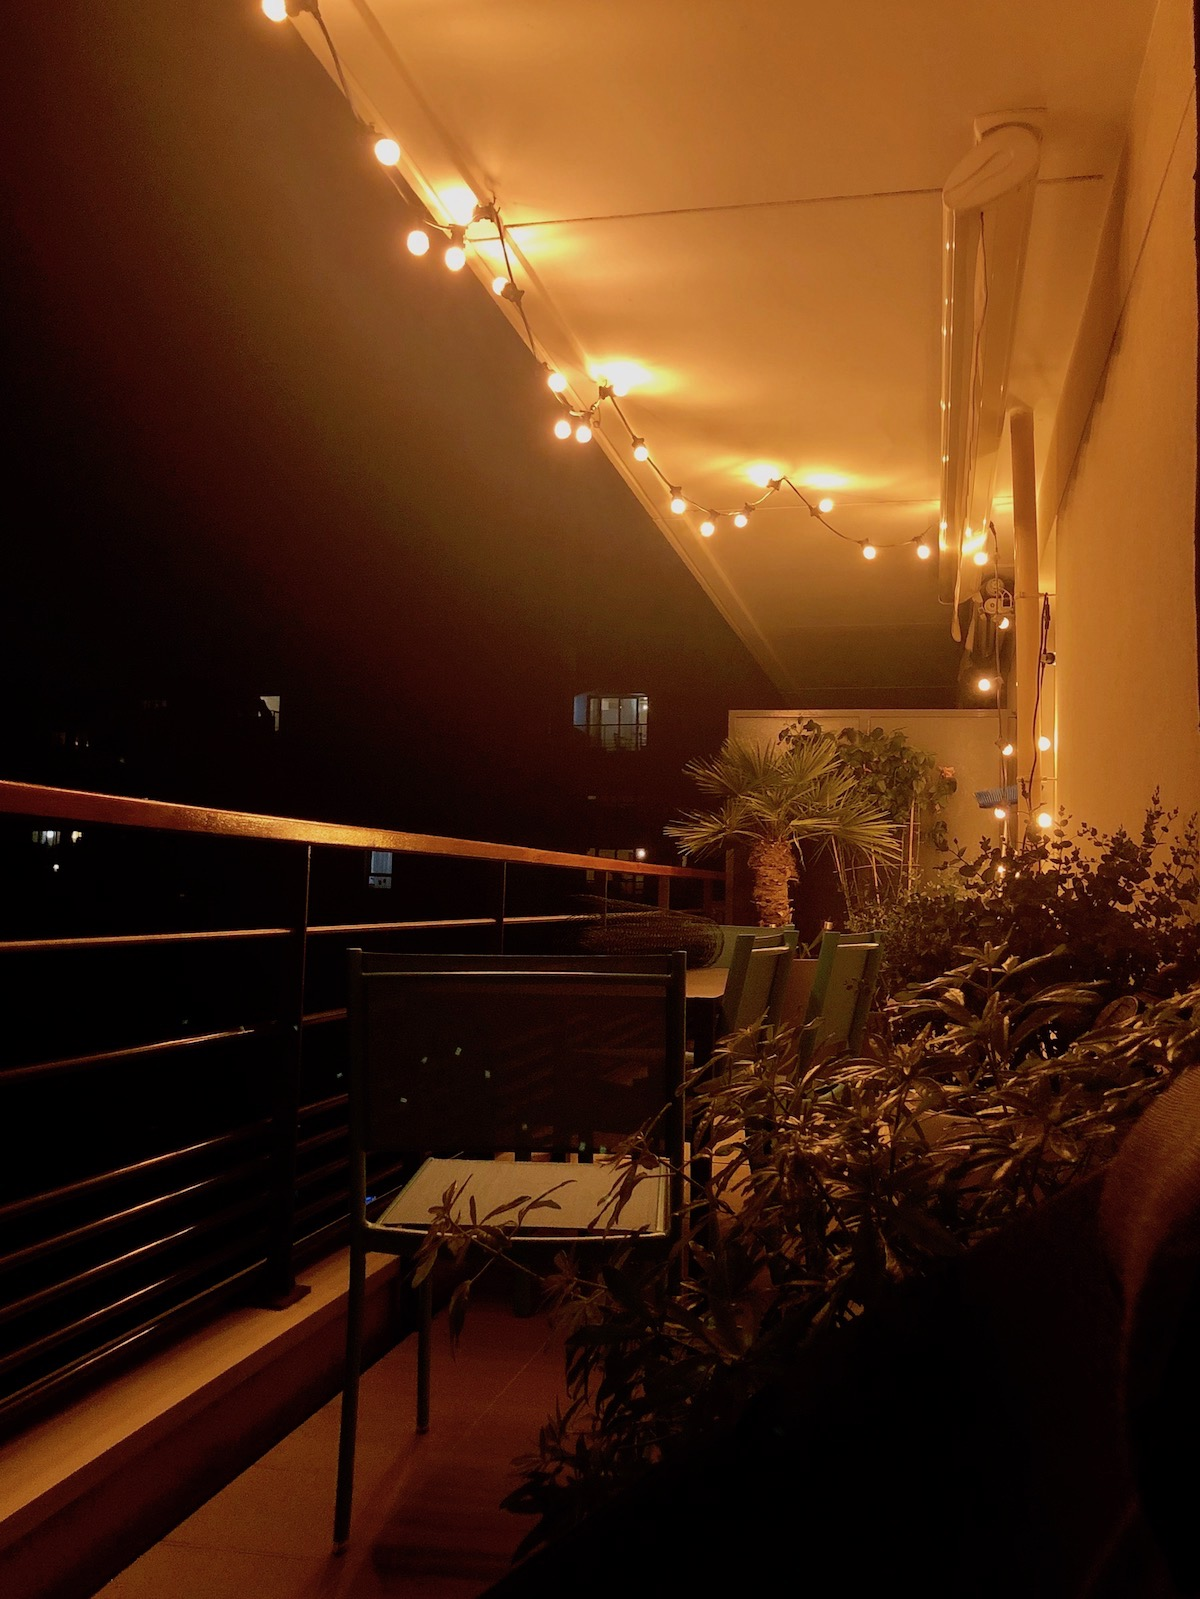 comment éclairer balcon suspension design guirlande retro ampoule - blog déco - clemaroundthecorner